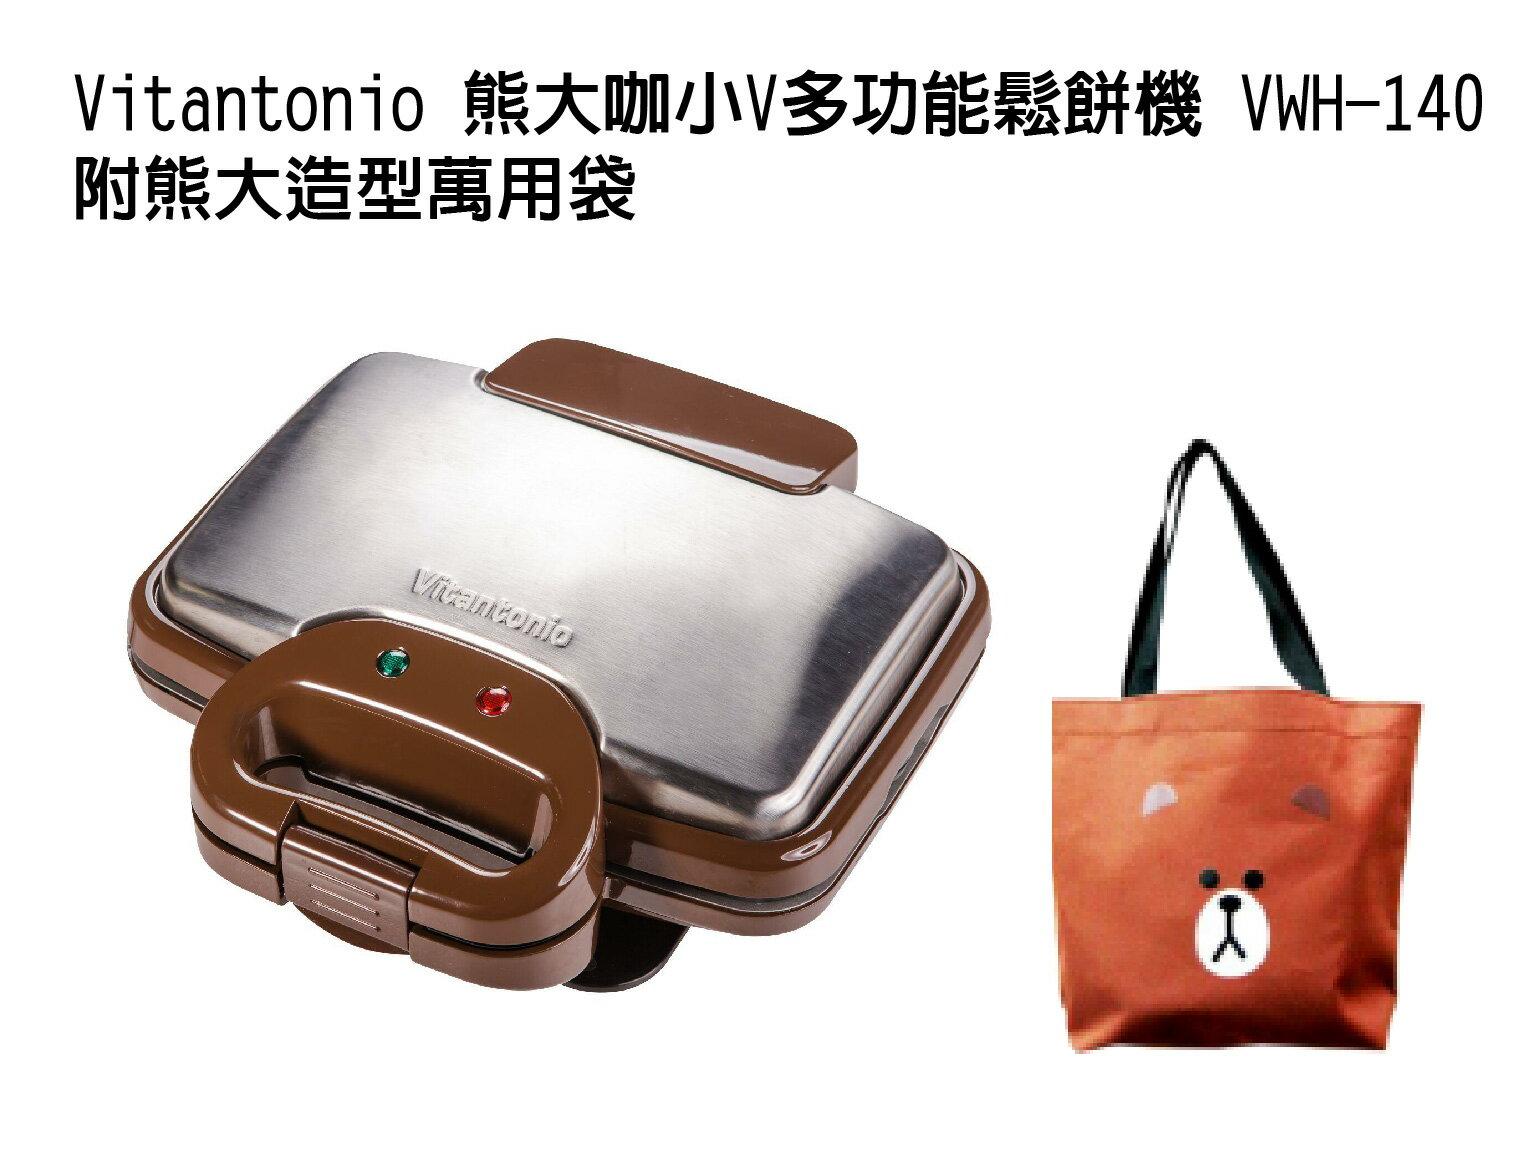 Vitantonio 熊大咖小V多功能鬆餅機 VWH-140 [6期零利率]